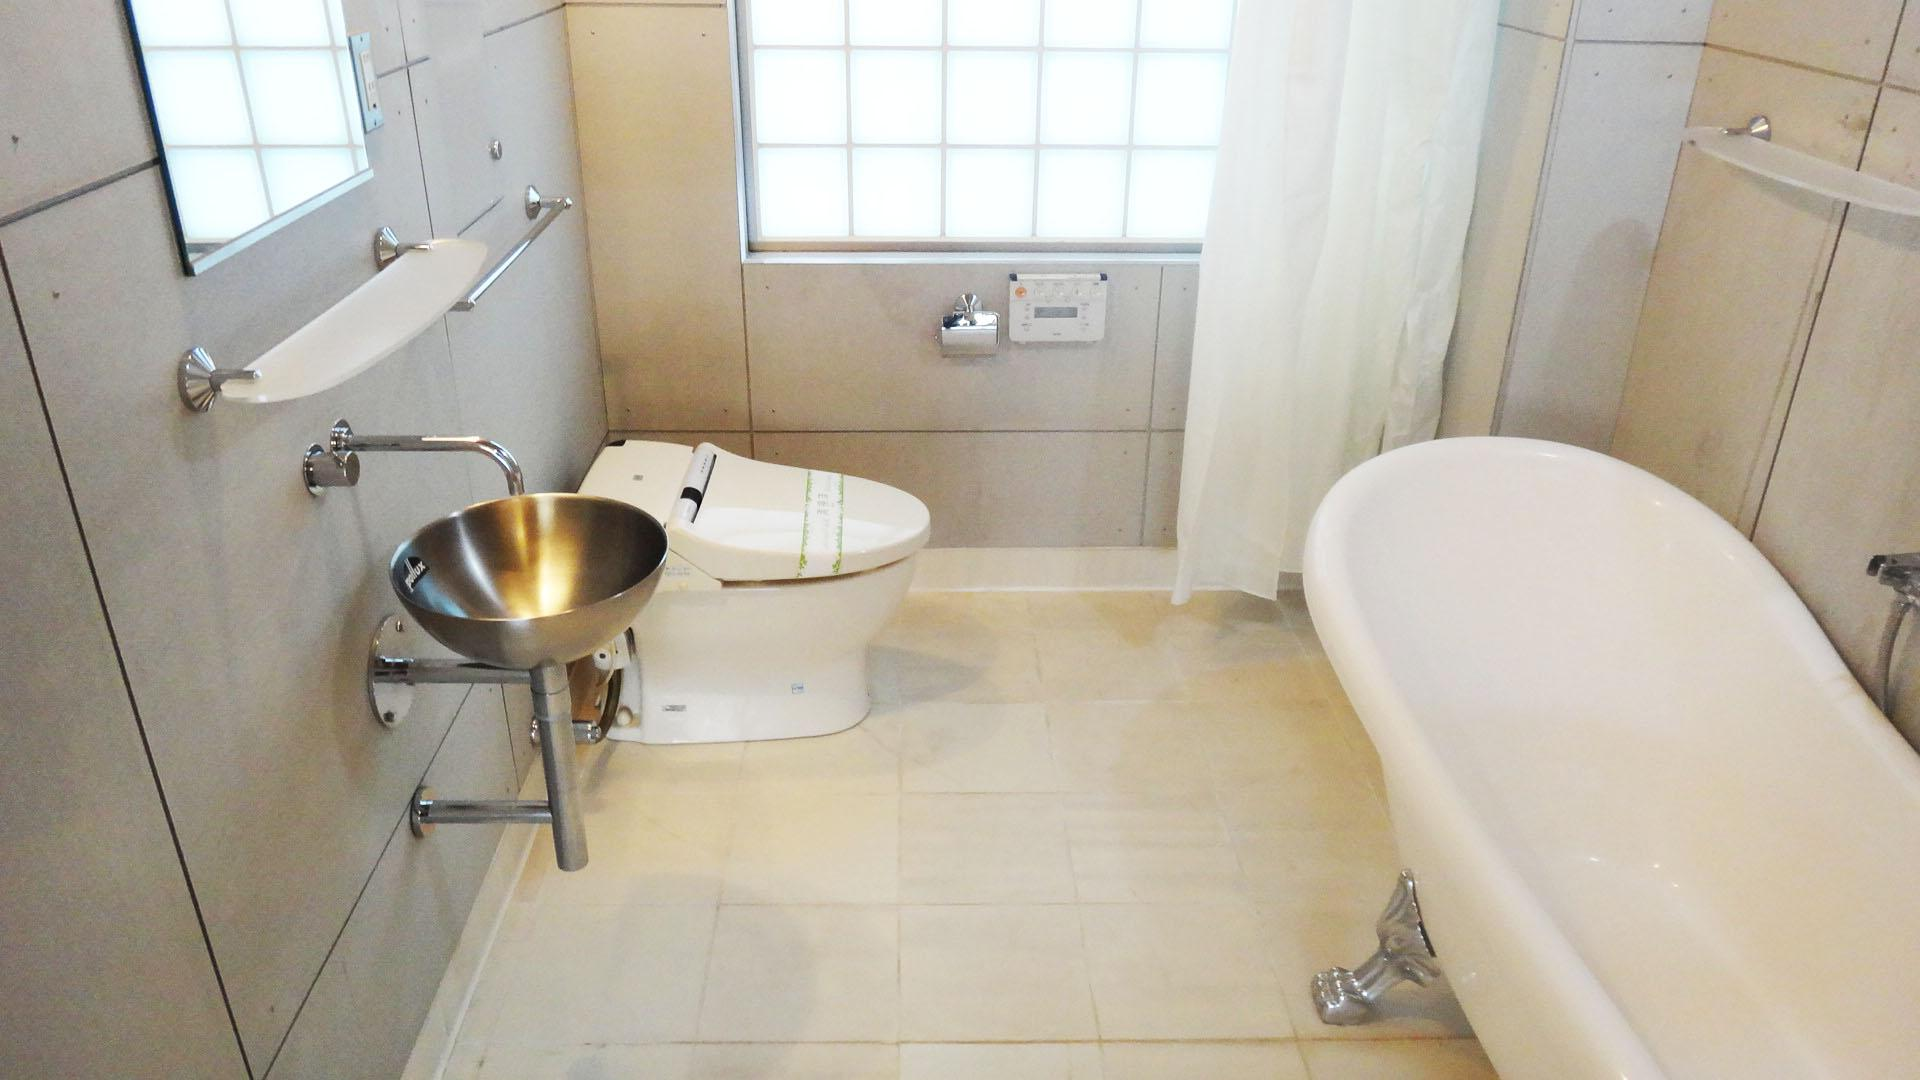 洗面器、トイレは浴槽と同じ空間です